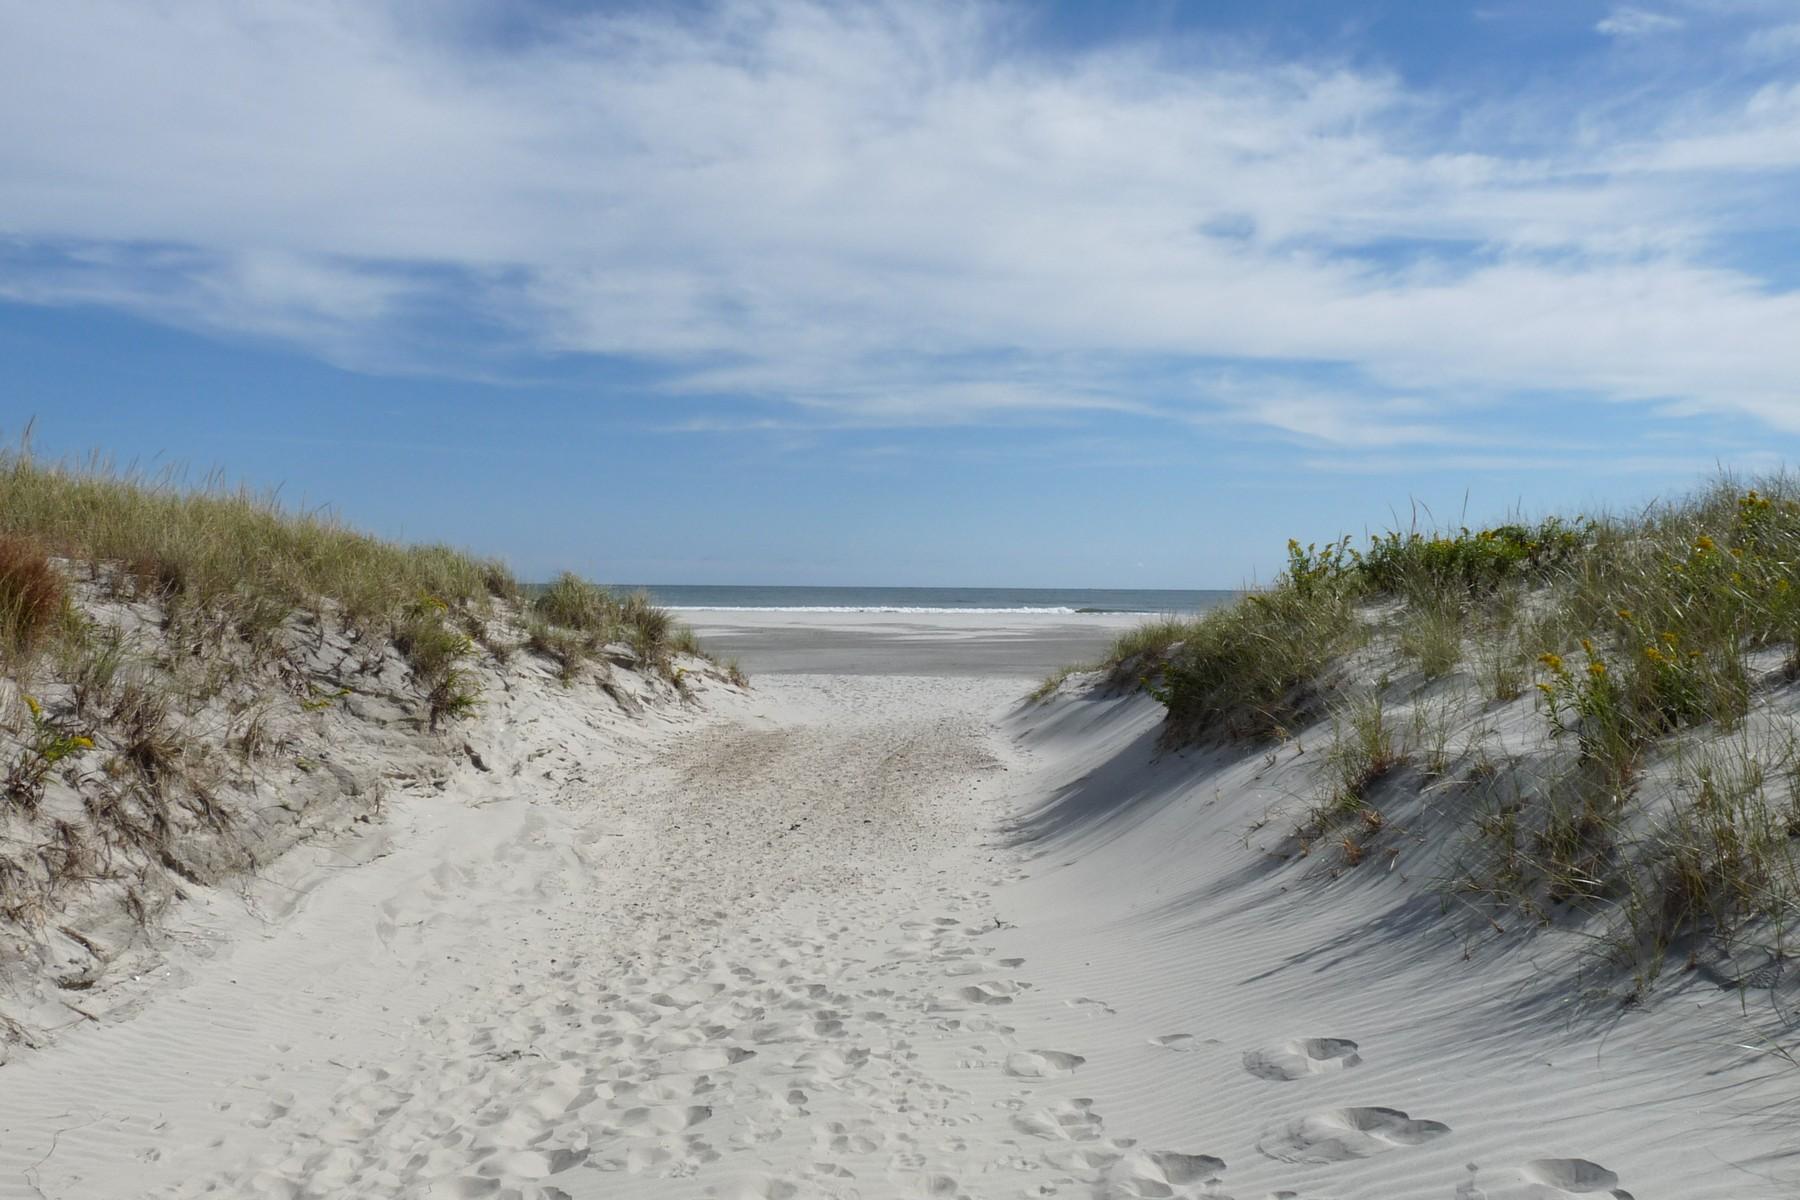 Đất đai vì Bán tại 4416 Atlantic Brigantine Blvd Brigantine, New Jersey, 08203 Hoa Kỳ